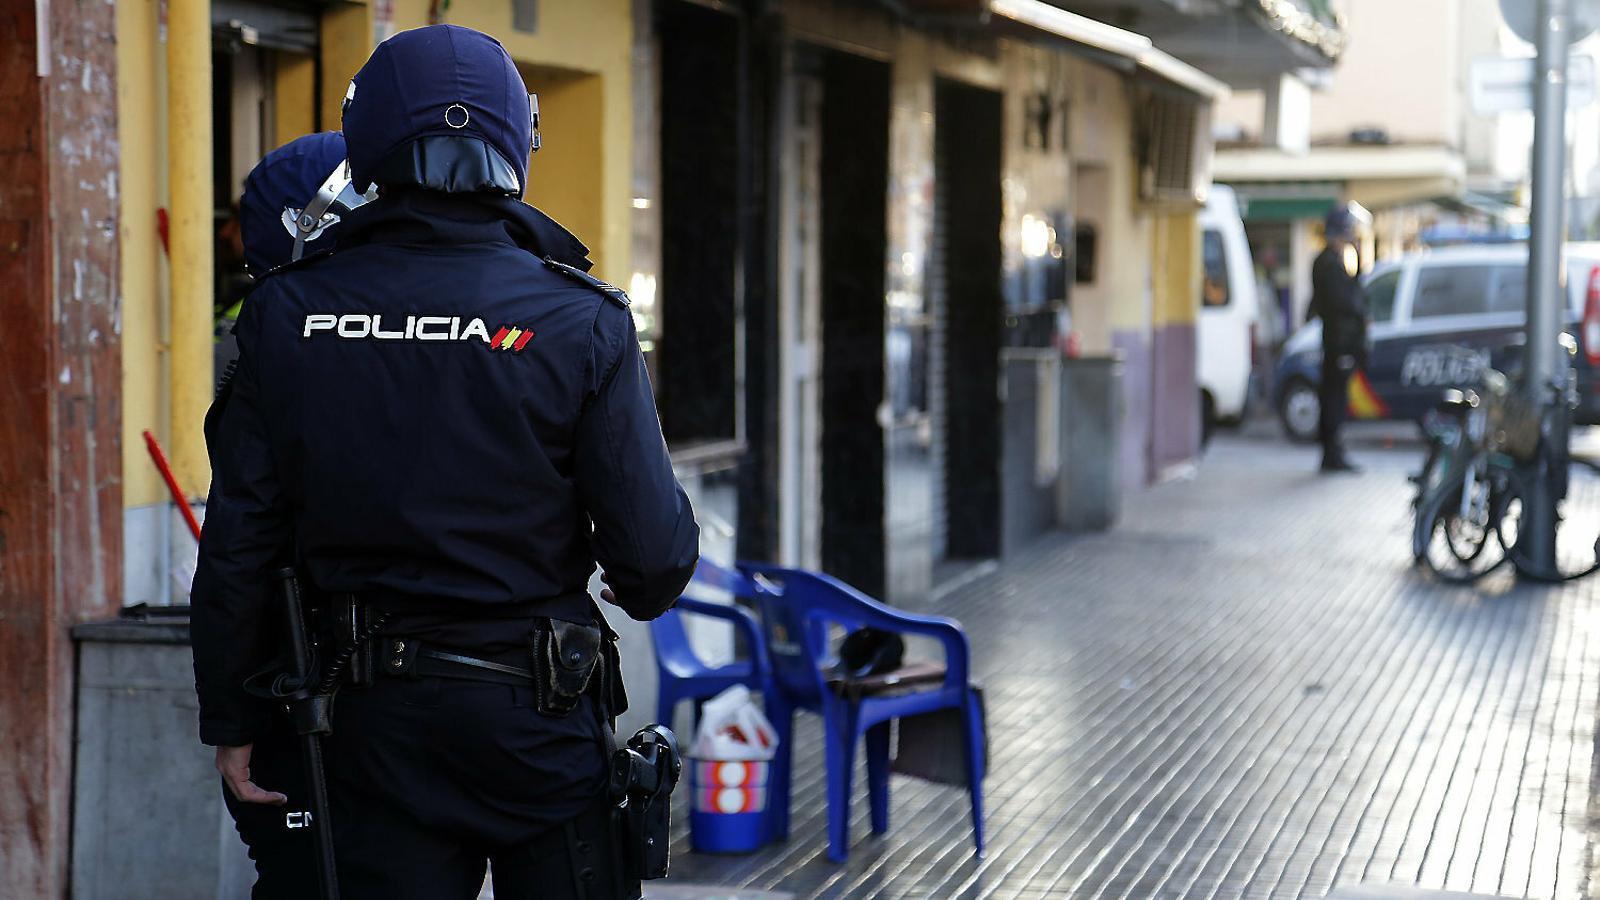 La policia es queixa de plantilles curtes i envellides i un equipament escàs